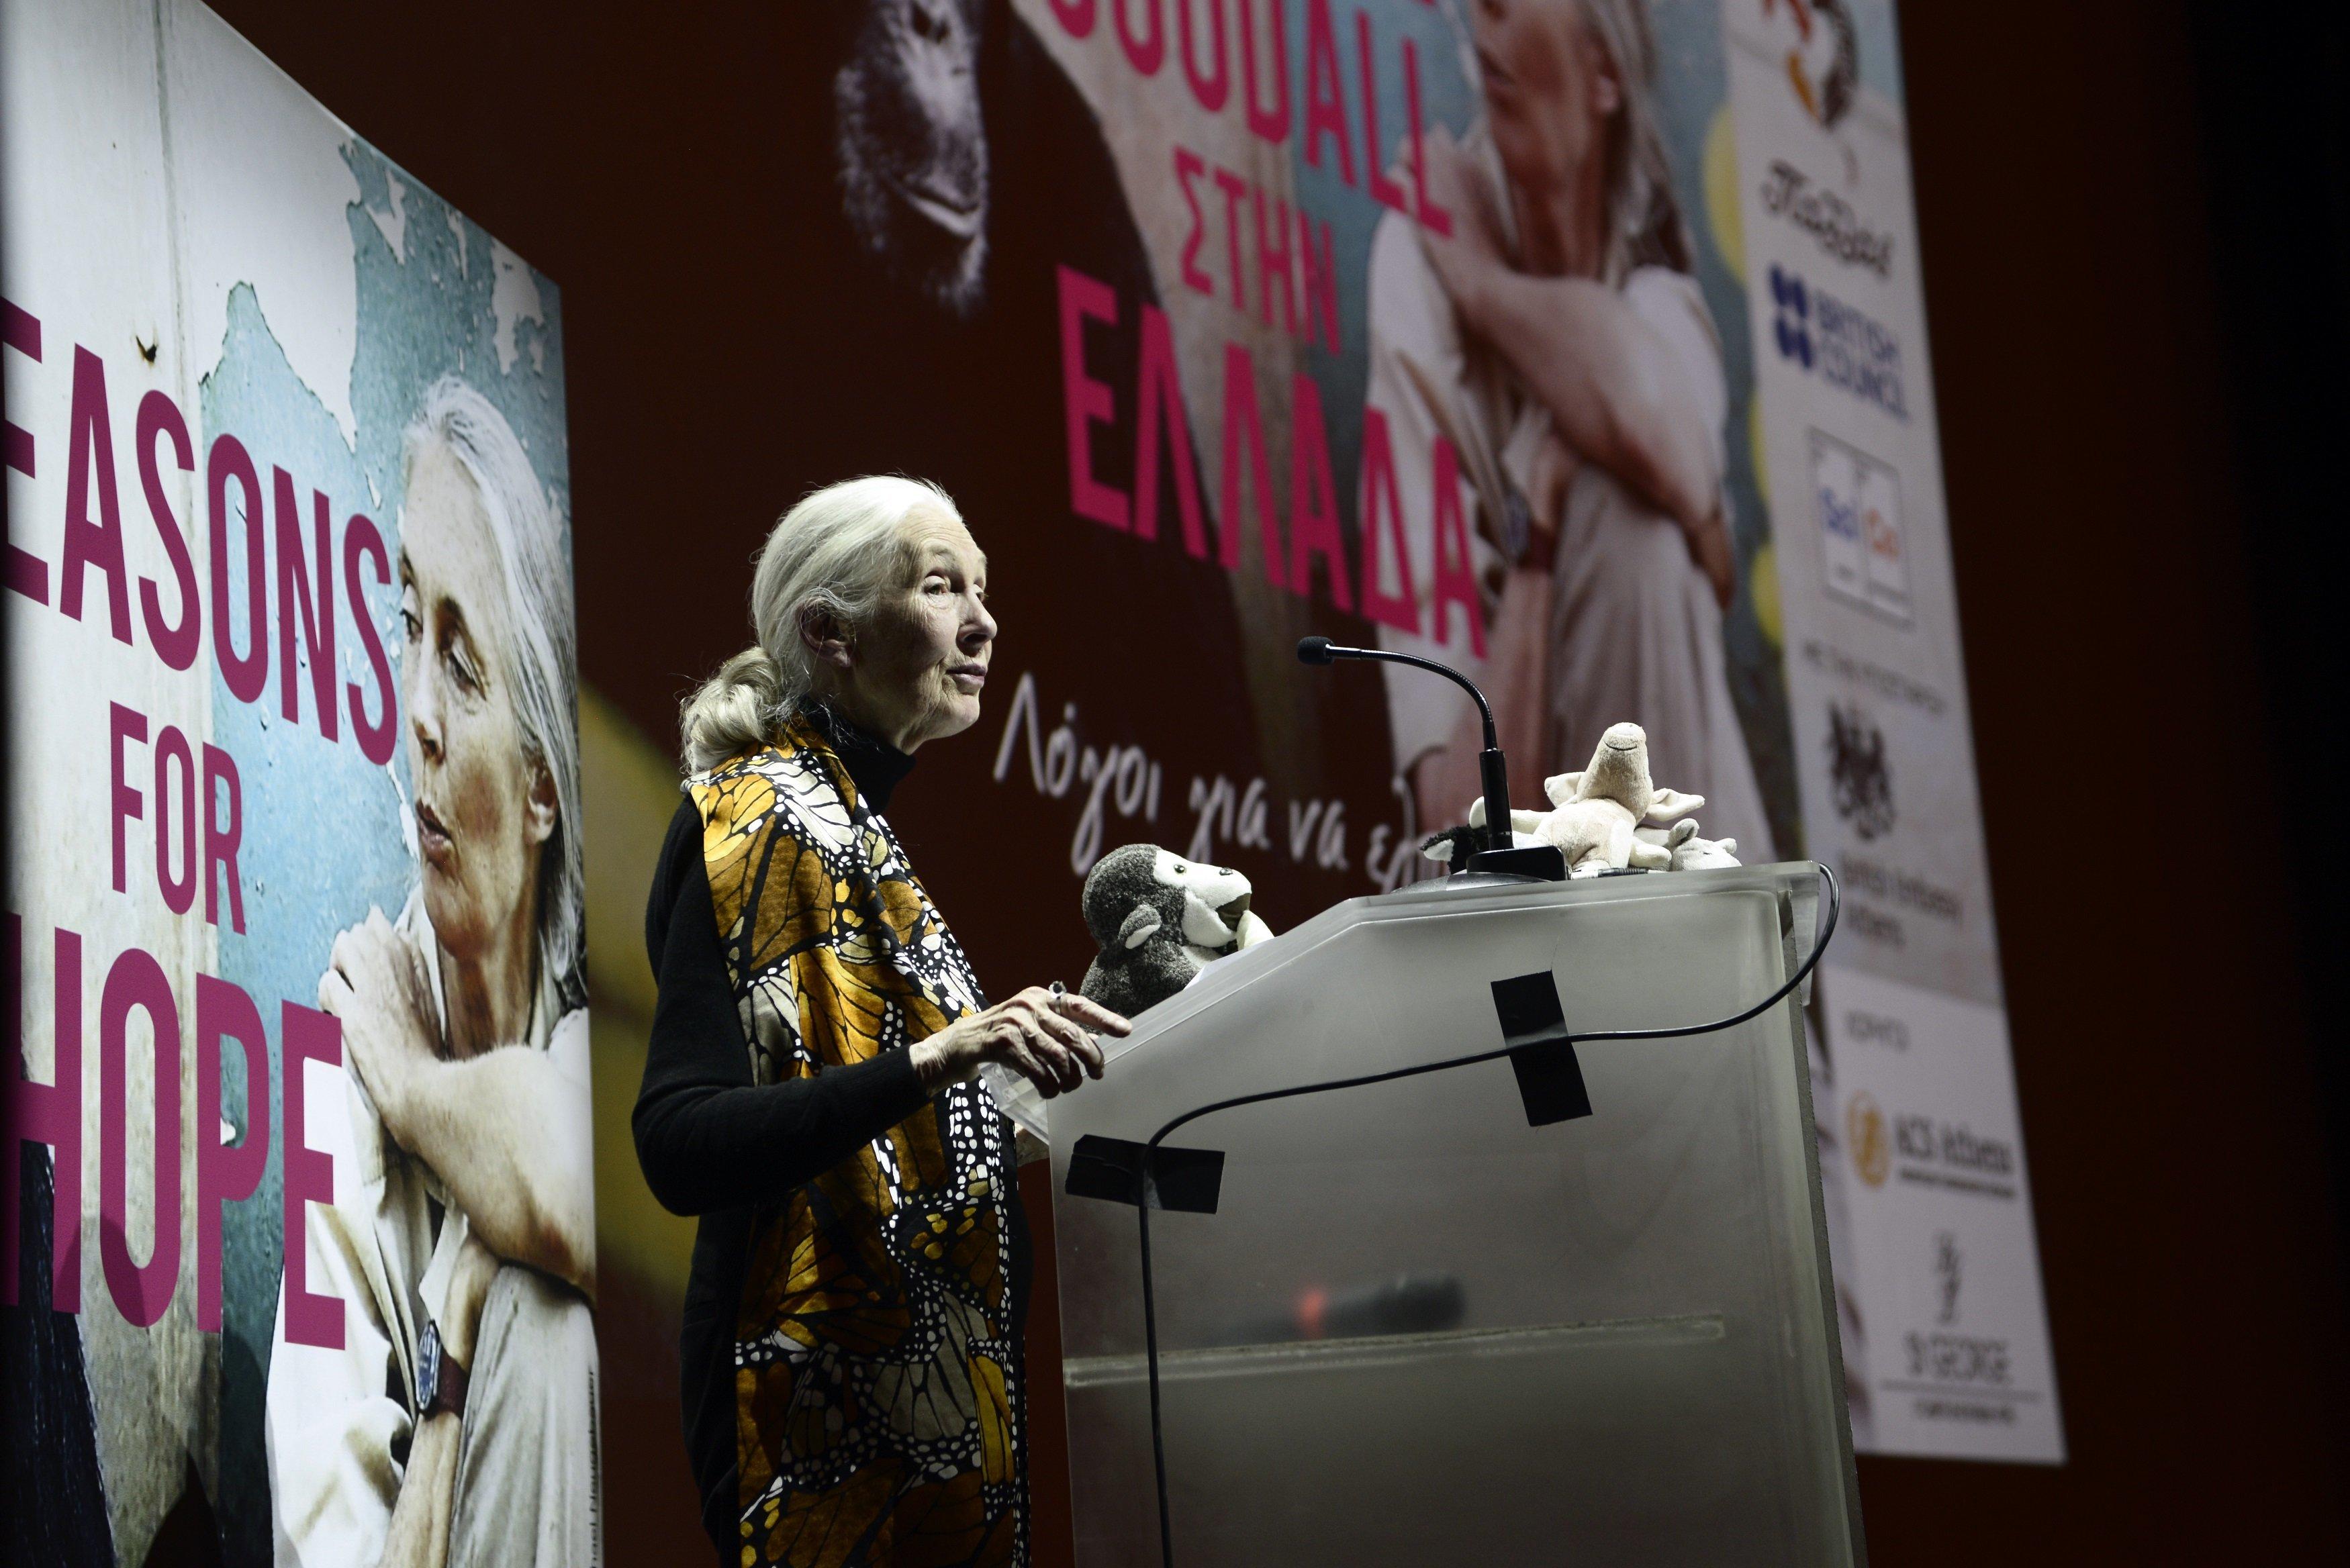 Τζέιν Γκούντολ: Στην Αθήνα η γυναίκα - θρύλος, που άνοιξε τα μάτια των ανθρώπων για τους